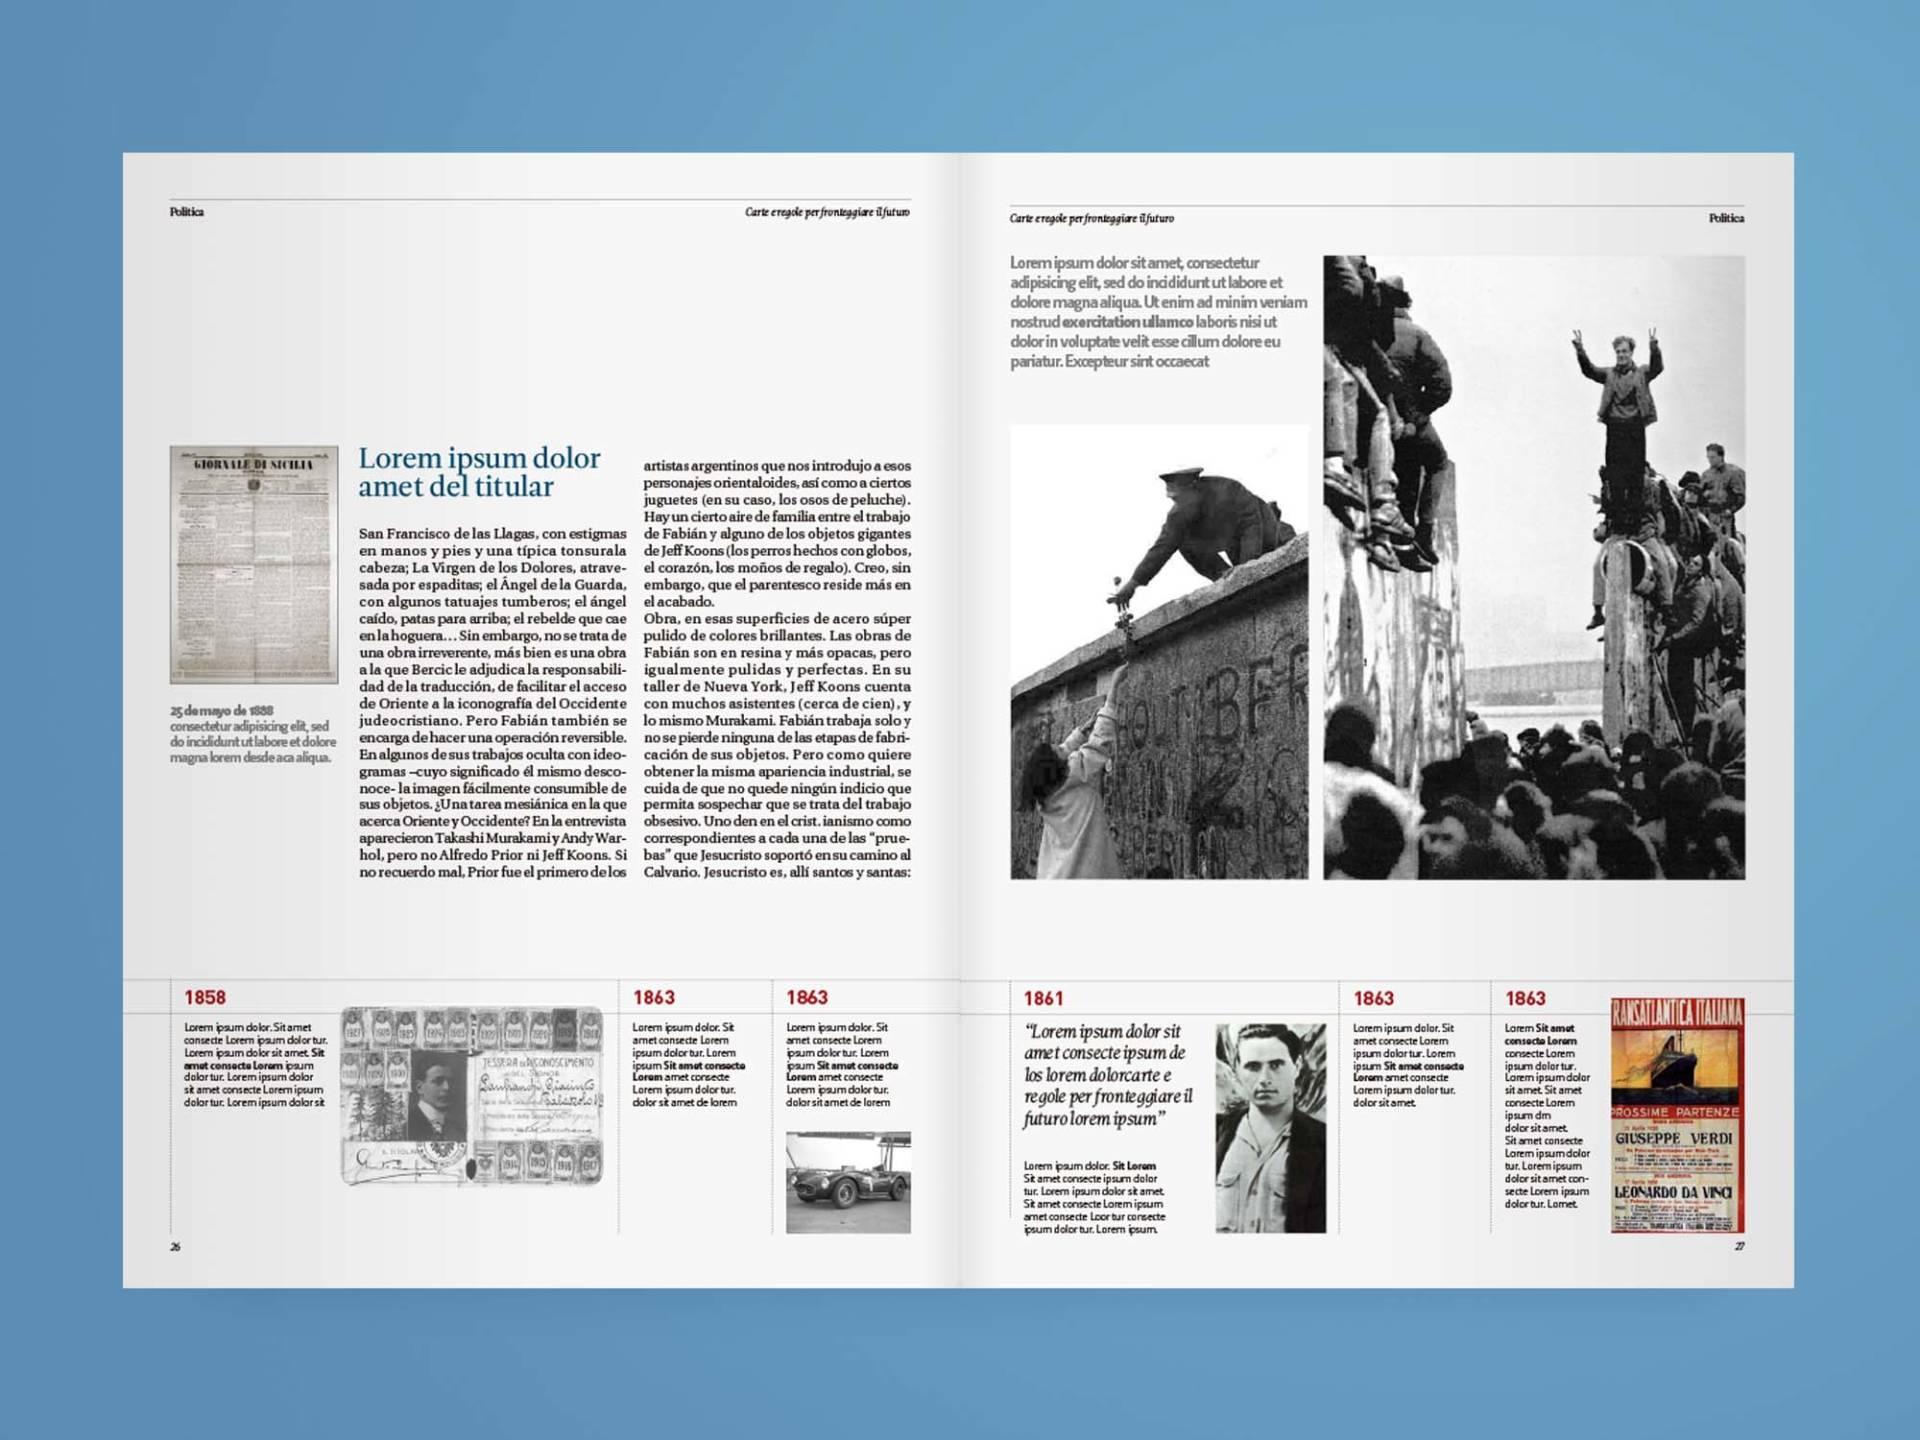 Giornale_Di_Sicilia_Libro_05_Wenceslau_News_Design